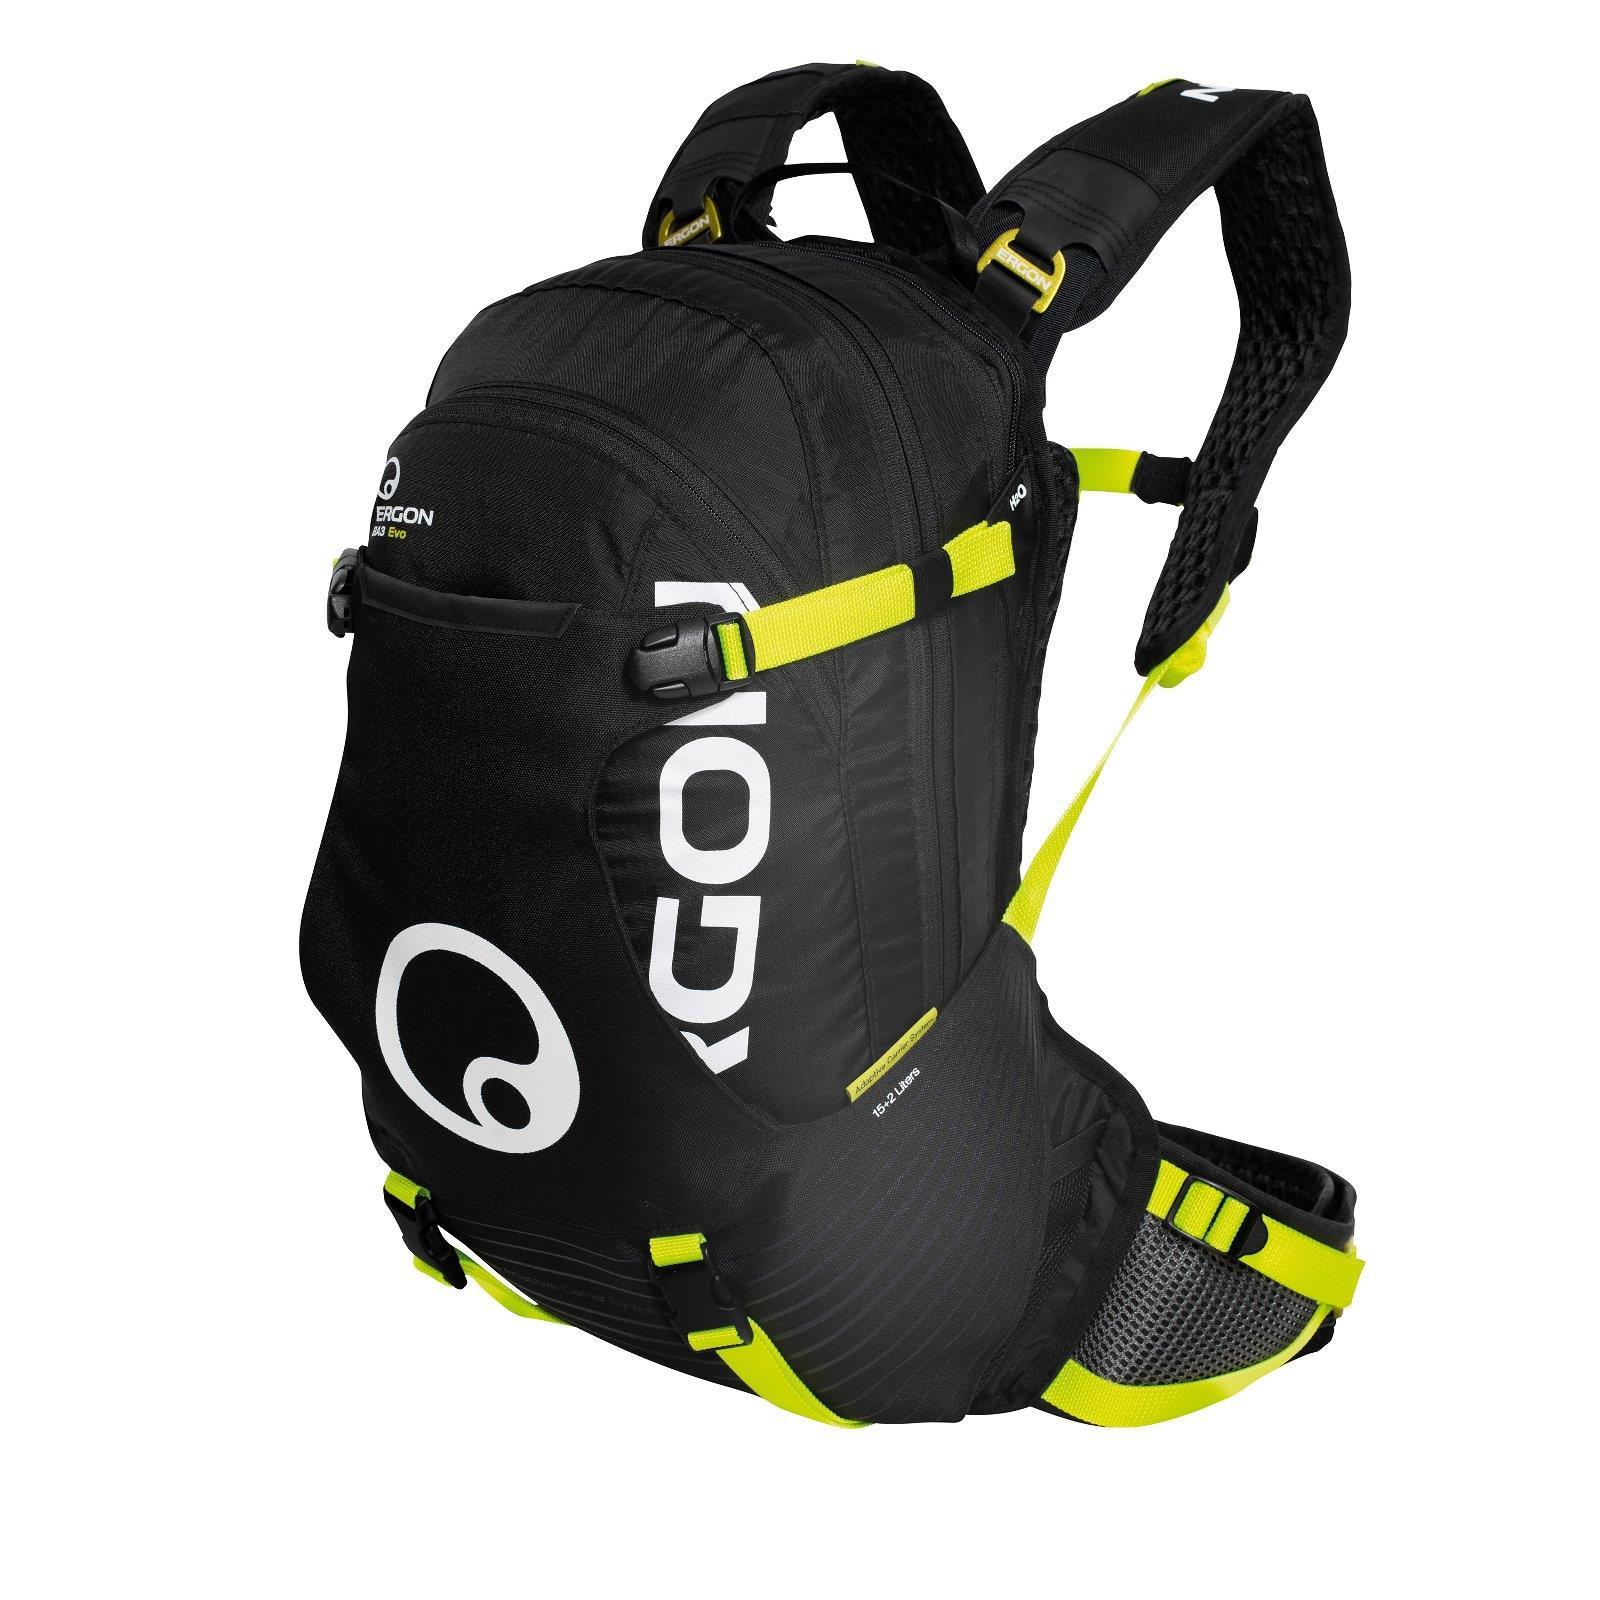 ergon ba3 evo enduro schwarz neon gelb rucksack. Black Bedroom Furniture Sets. Home Design Ideas